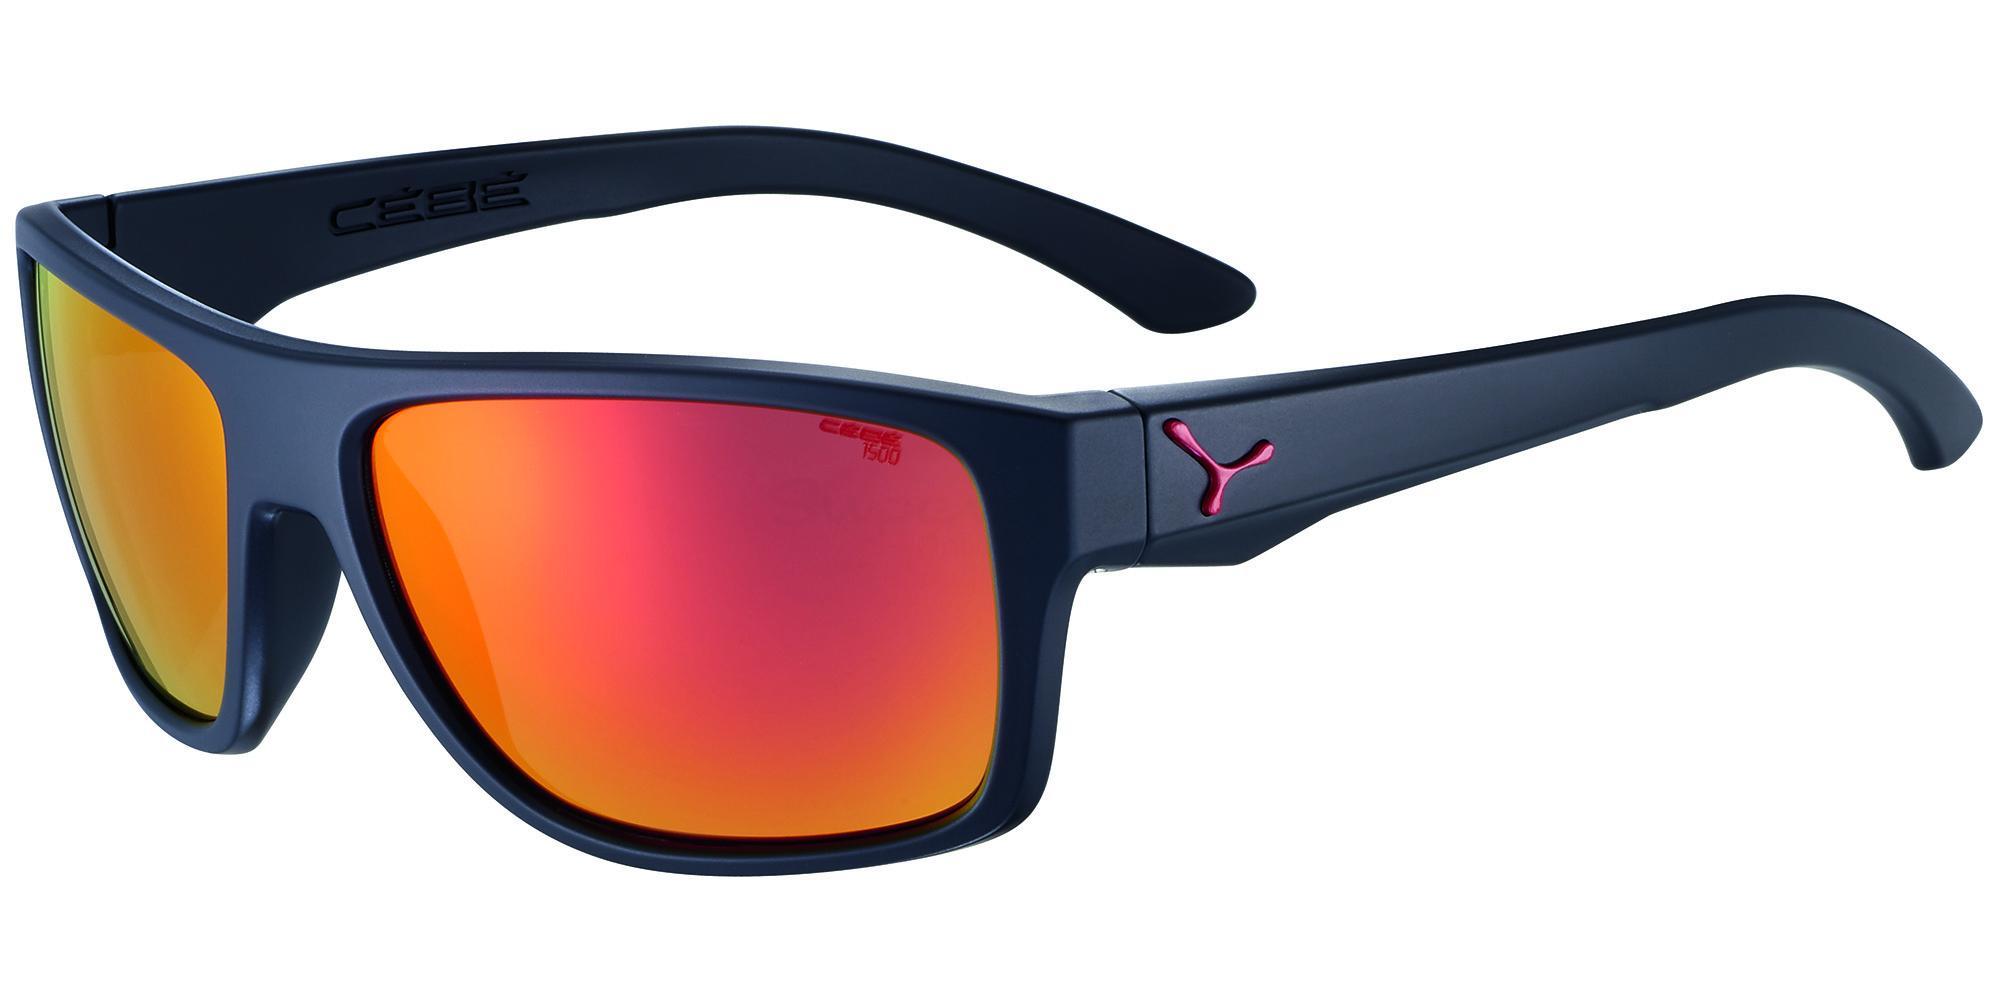 CBEMP1 EMPIRE Sunglasses, Cebe